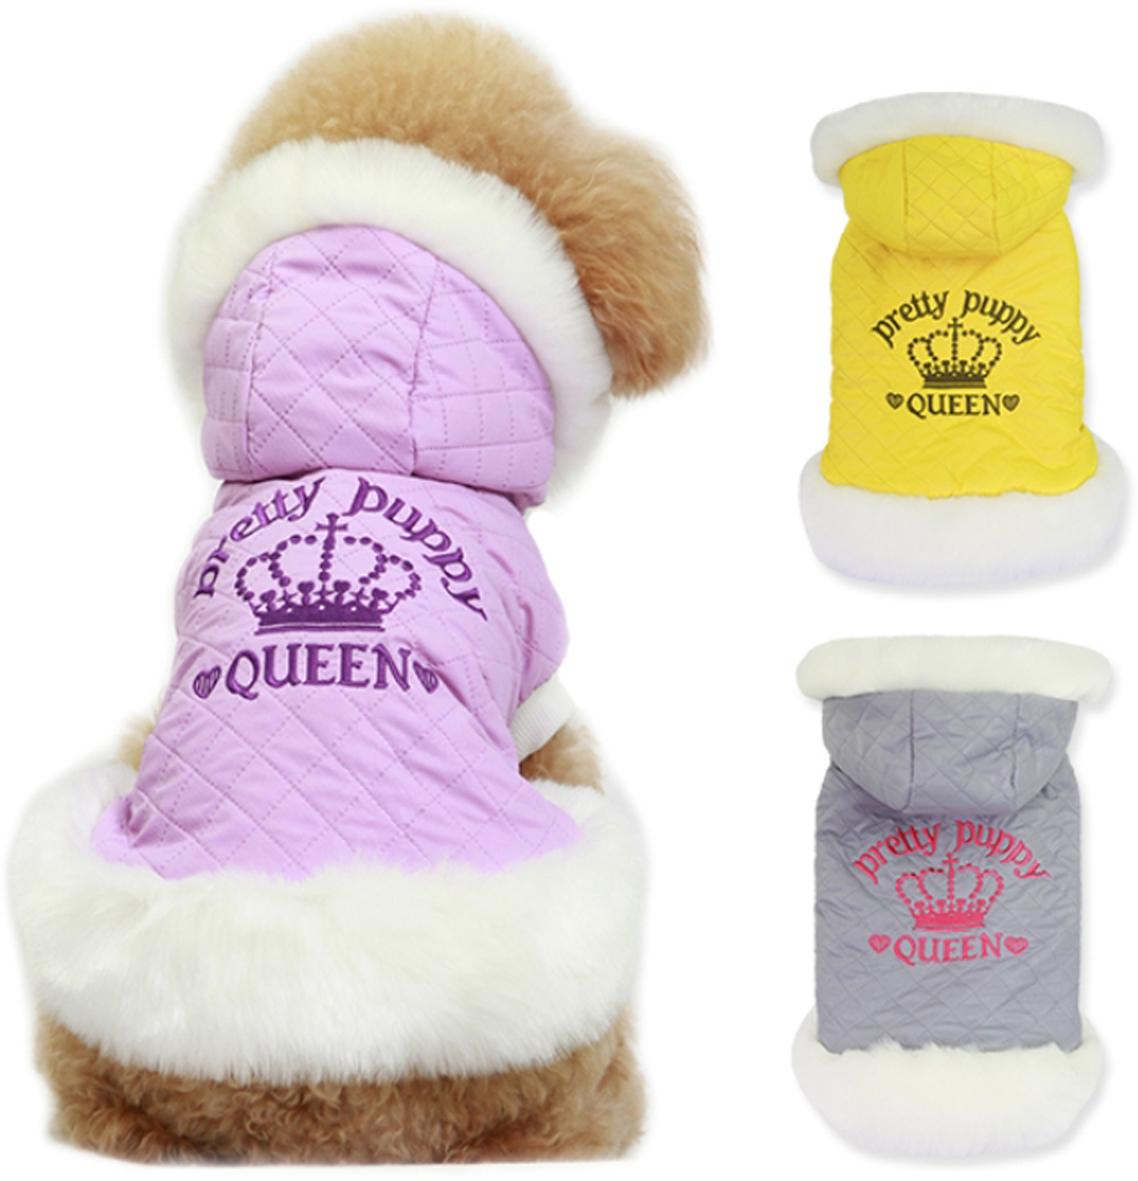 Куртка для собак Dobaz Pretty Puppy, цвет: серый. ДА14068ВМ. Размер MДА14068ВМКуртка для собак Dobaz Pretty Puppy выполнена из плотной непромокаемой ткани с декоративной стежкой. Воротник и нижний край изделия оторочены белым мехом, подкладка также выполнена из меха. На спине куртка декорирована вышивкой. Обхват шеи: 27 см.Обхват груди: 42 см.Длина спинки: 28 см.Одежда для собак: нужна ли она и как её выбрать. Статья OZON Гид